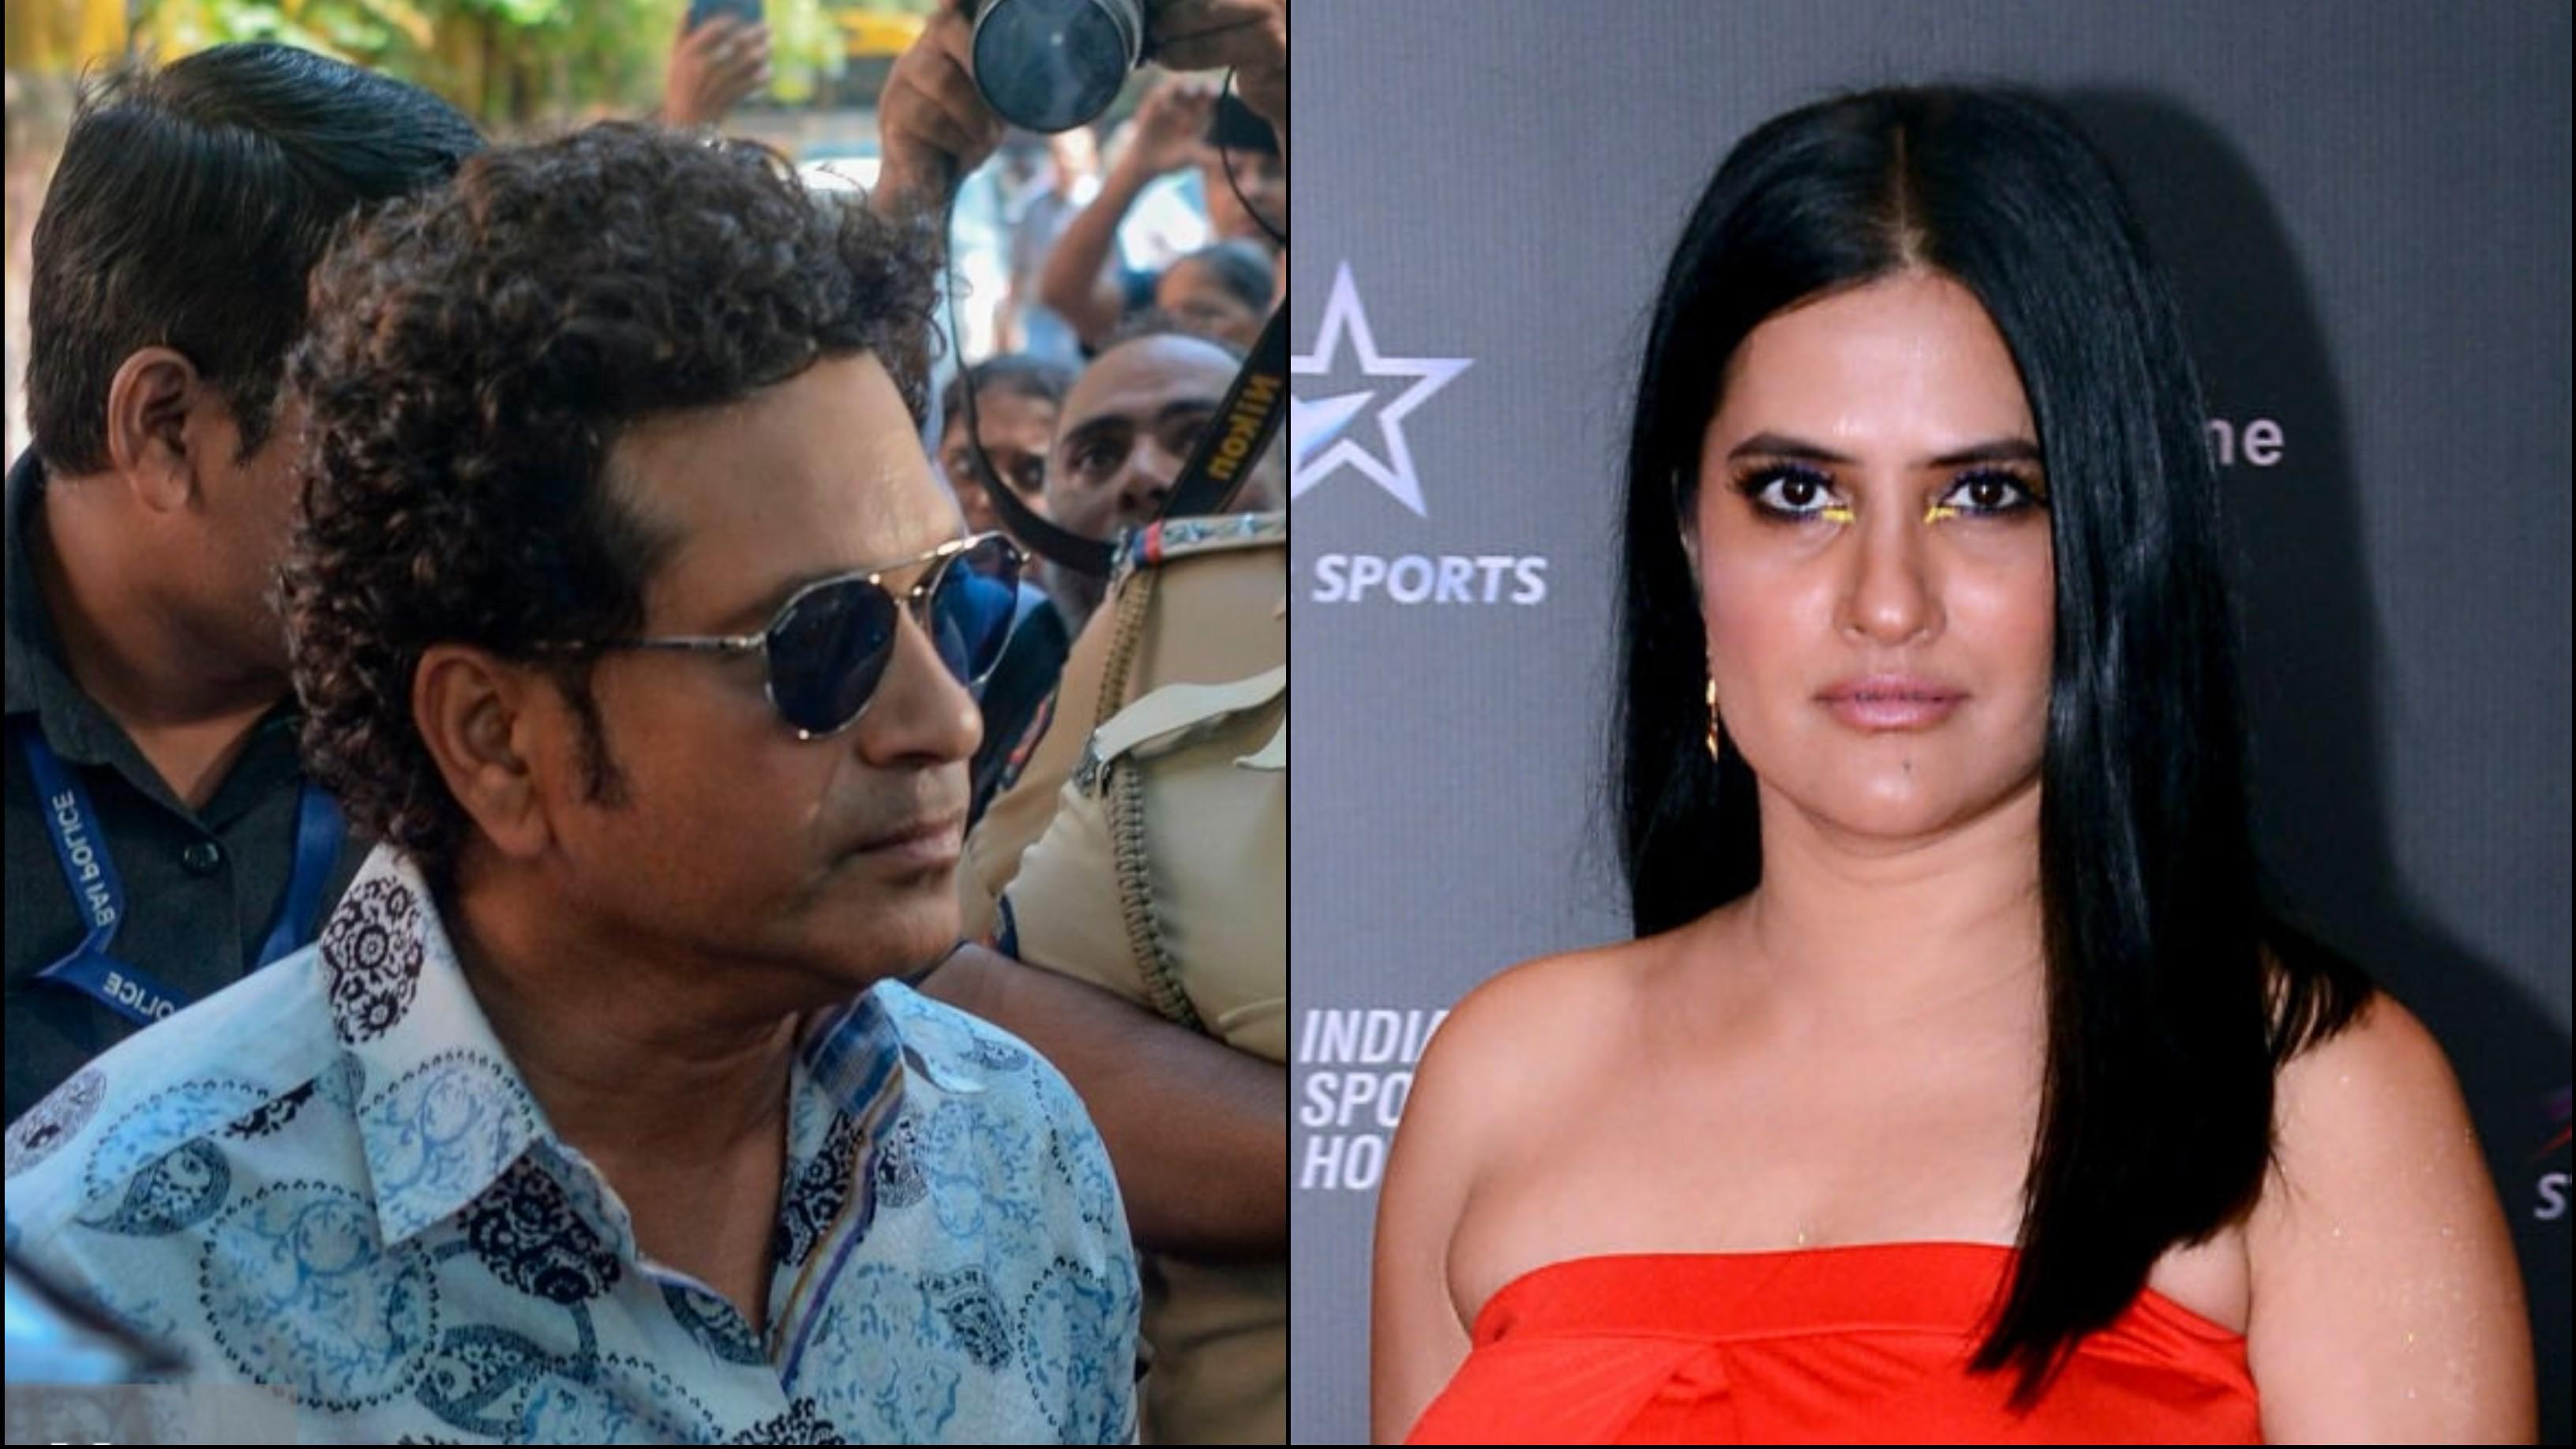 सचिन तेंदुलकर द्वारा 'इंडियन आइडल' शो के प्रतिभागियों की प्रशंसा से नाराज हुई सिंगर सोना महापात्रा